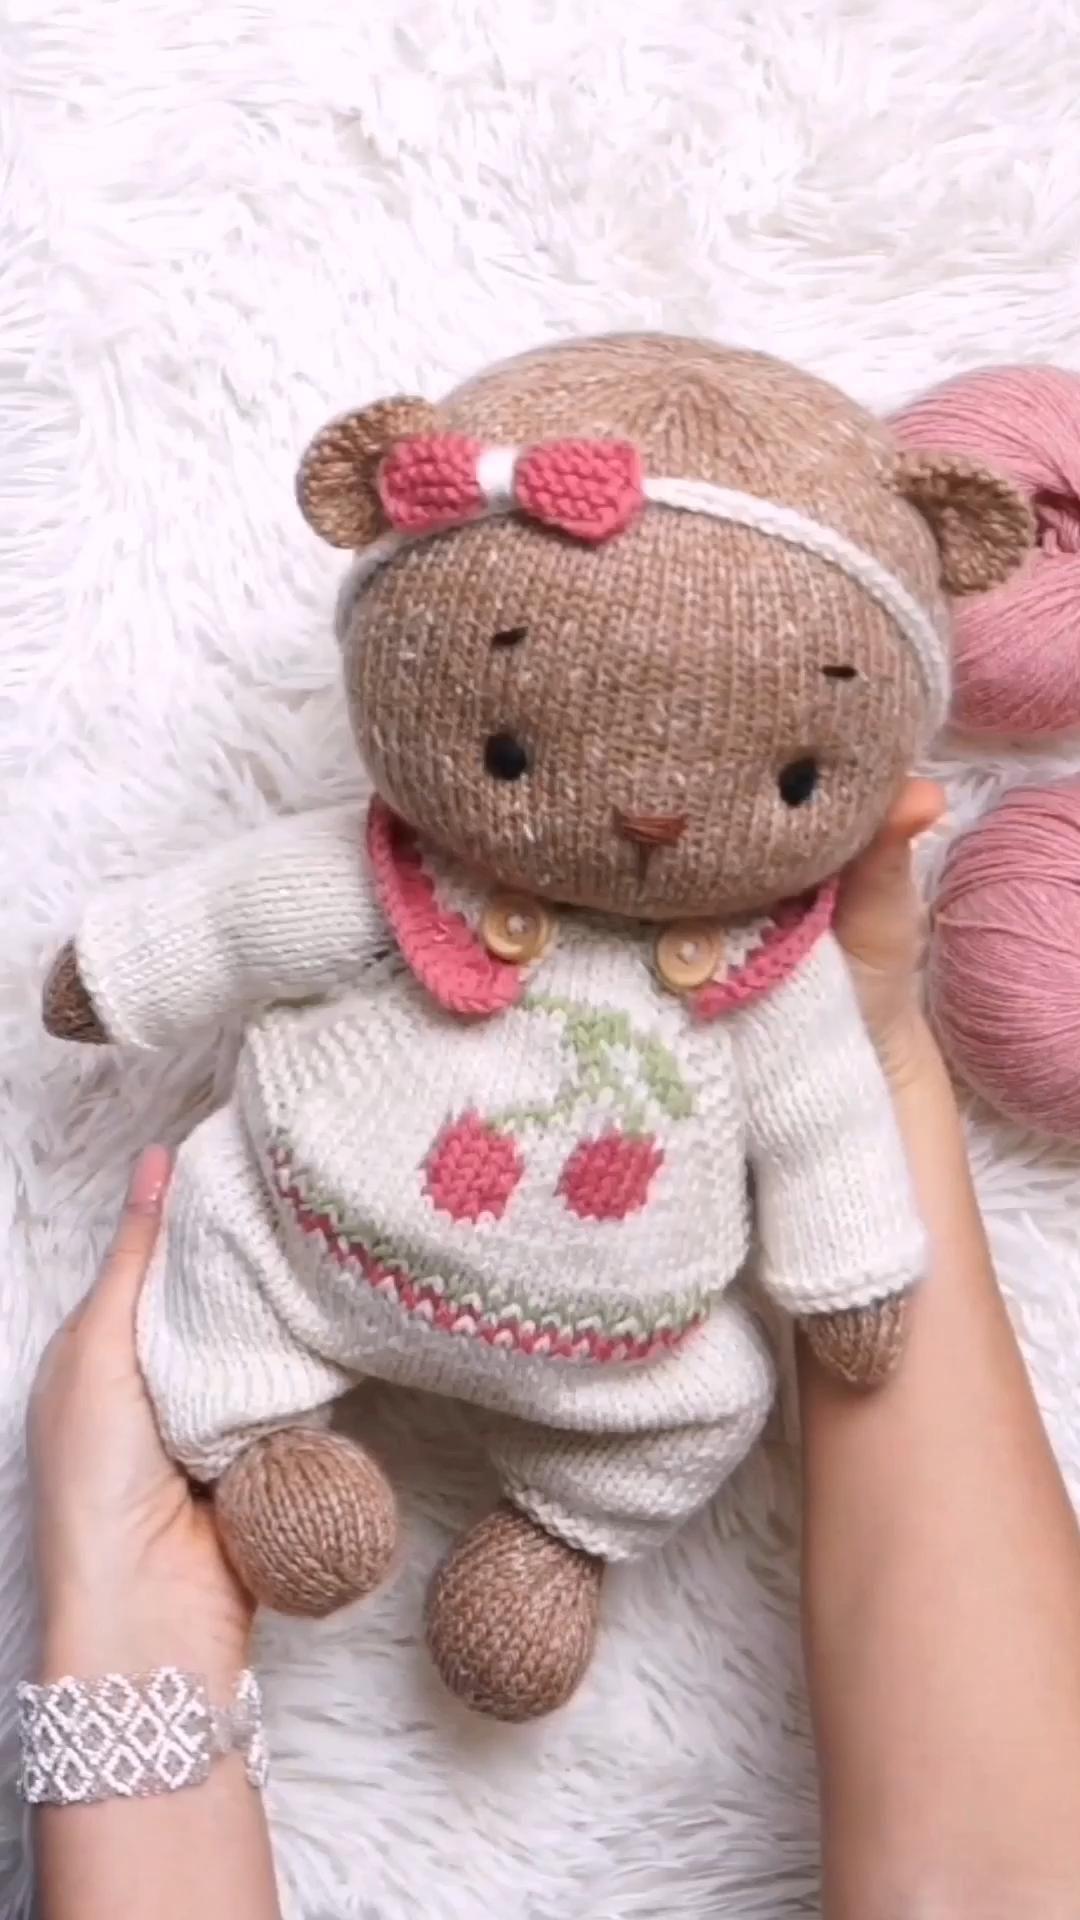 Knitting: Teddy Bear Clothes